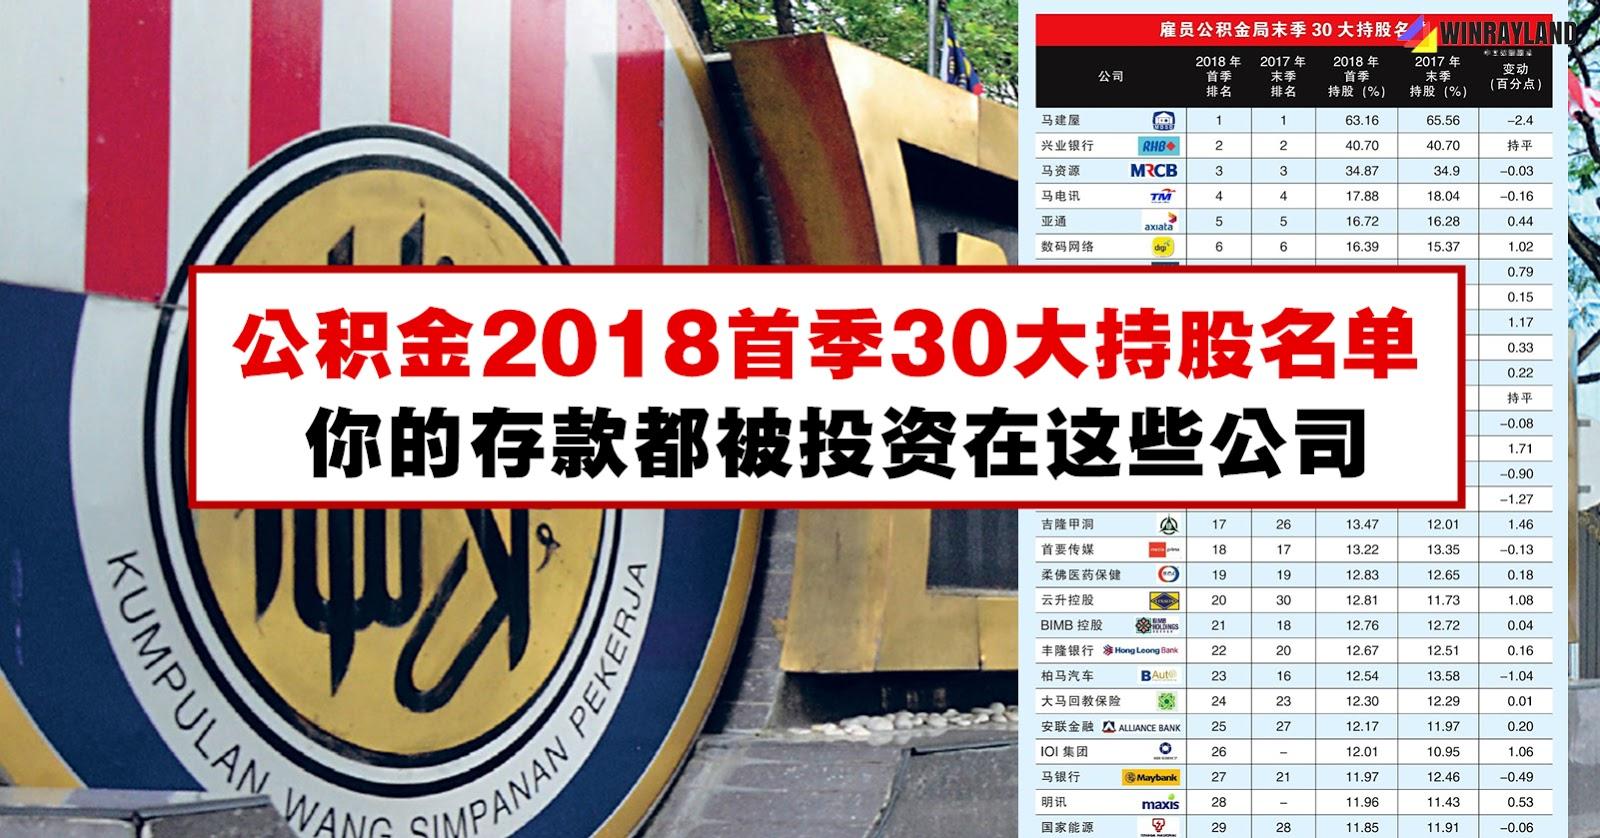 公积金2018首季30大持股名单